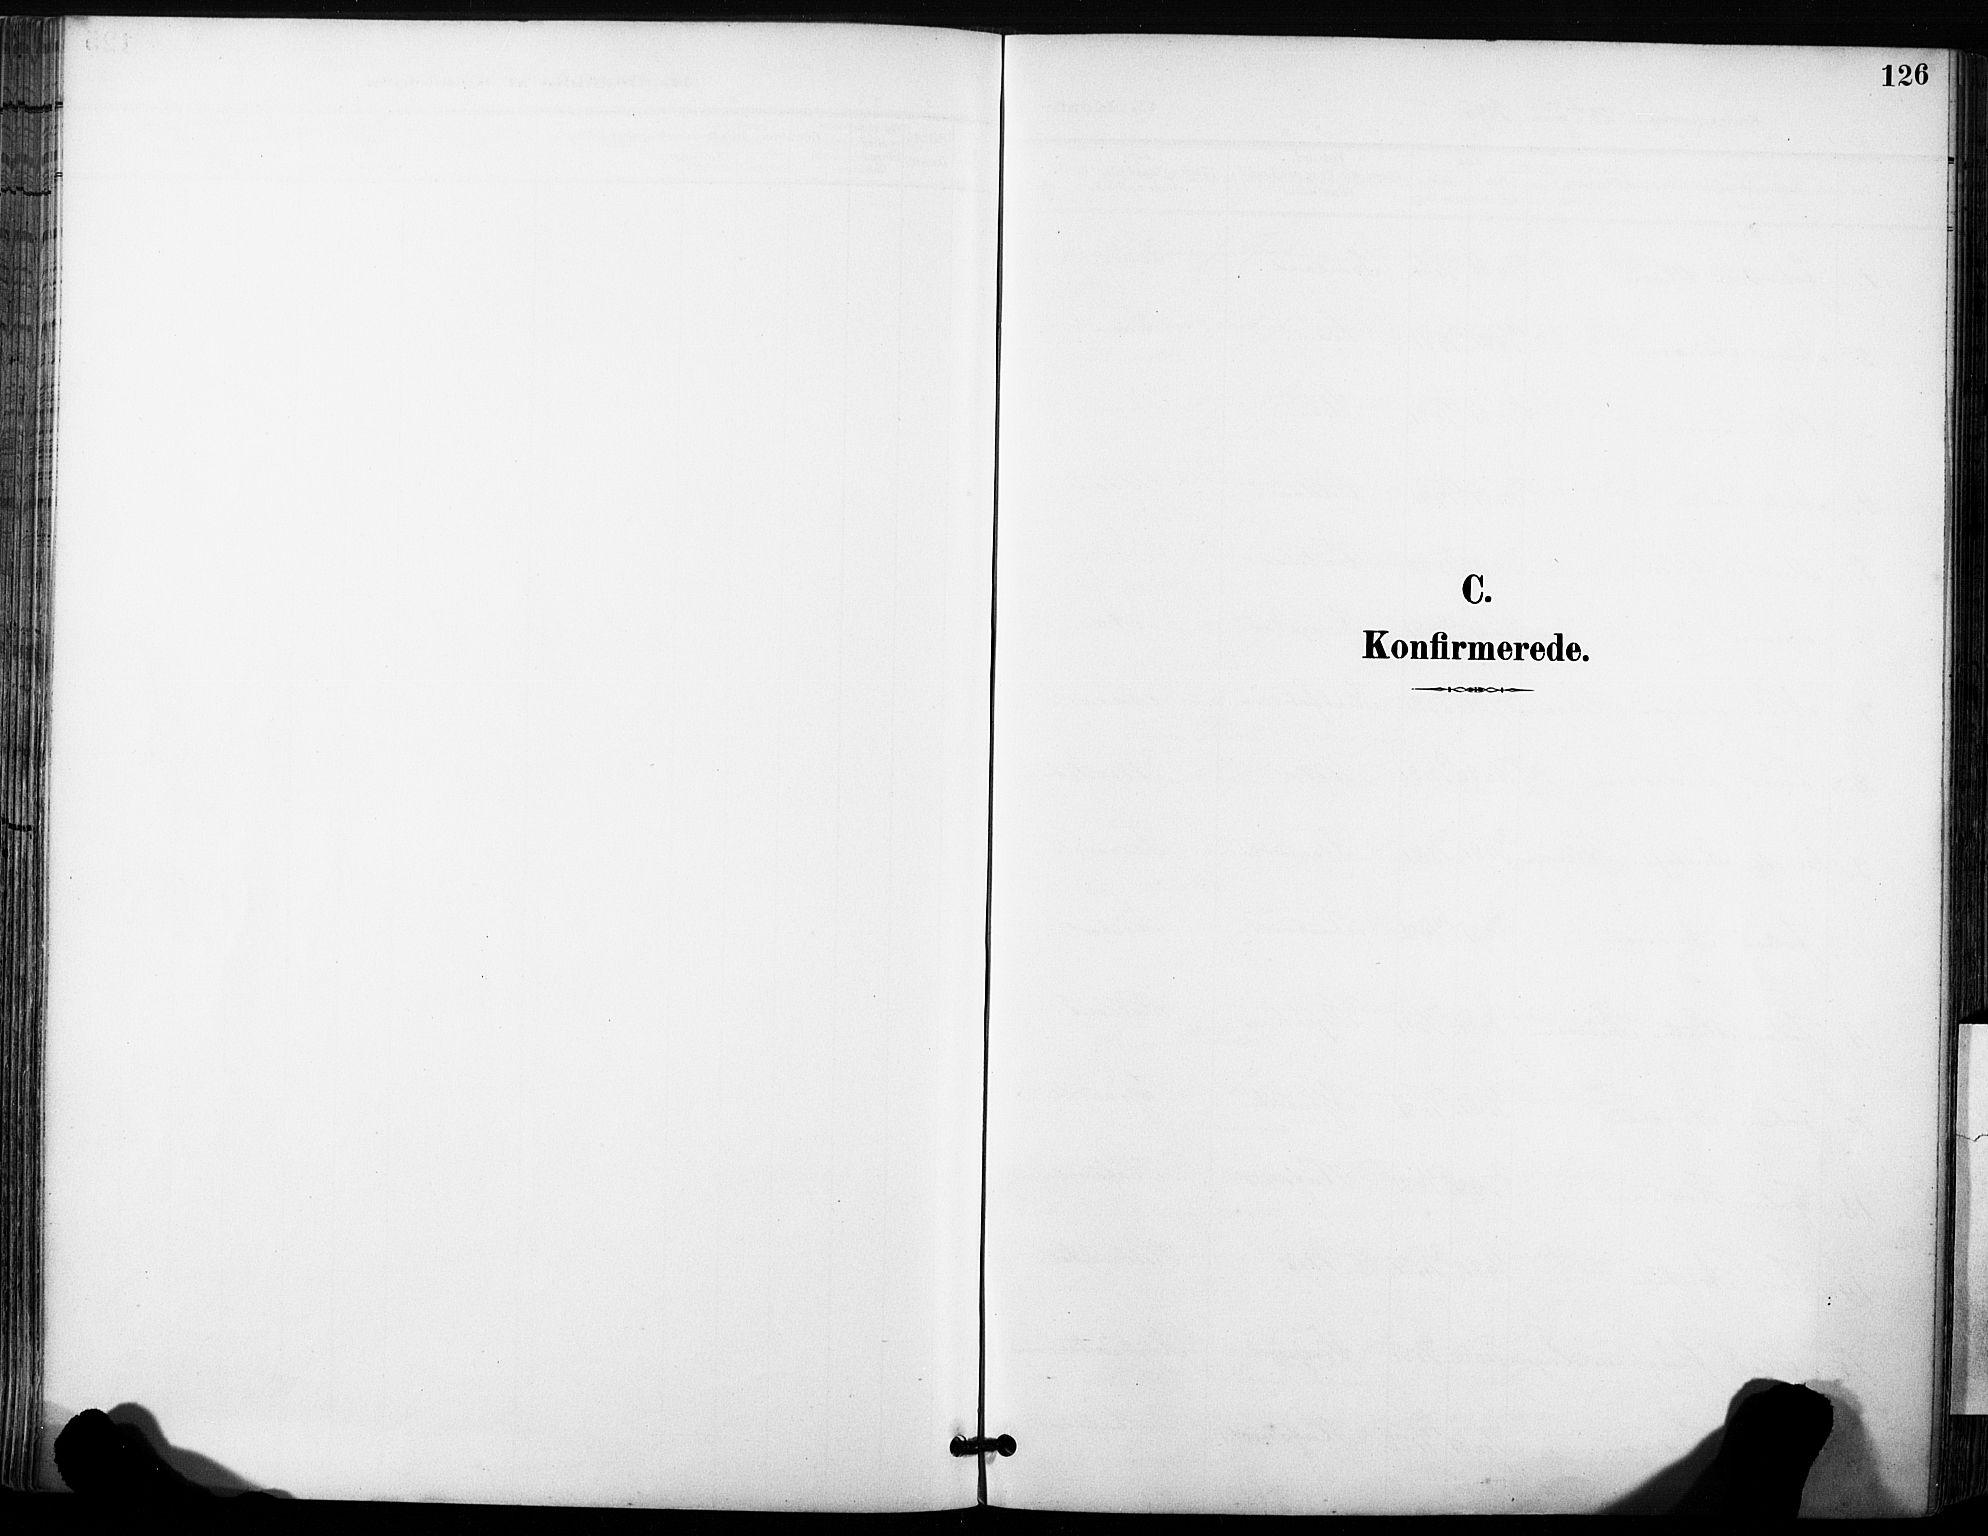 SAT, Ministerialprotokoller, klokkerbøker og fødselsregistre - Sør-Trøndelag, 630/L0497: Ministerialbok nr. 630A10, 1896-1910, s. 126